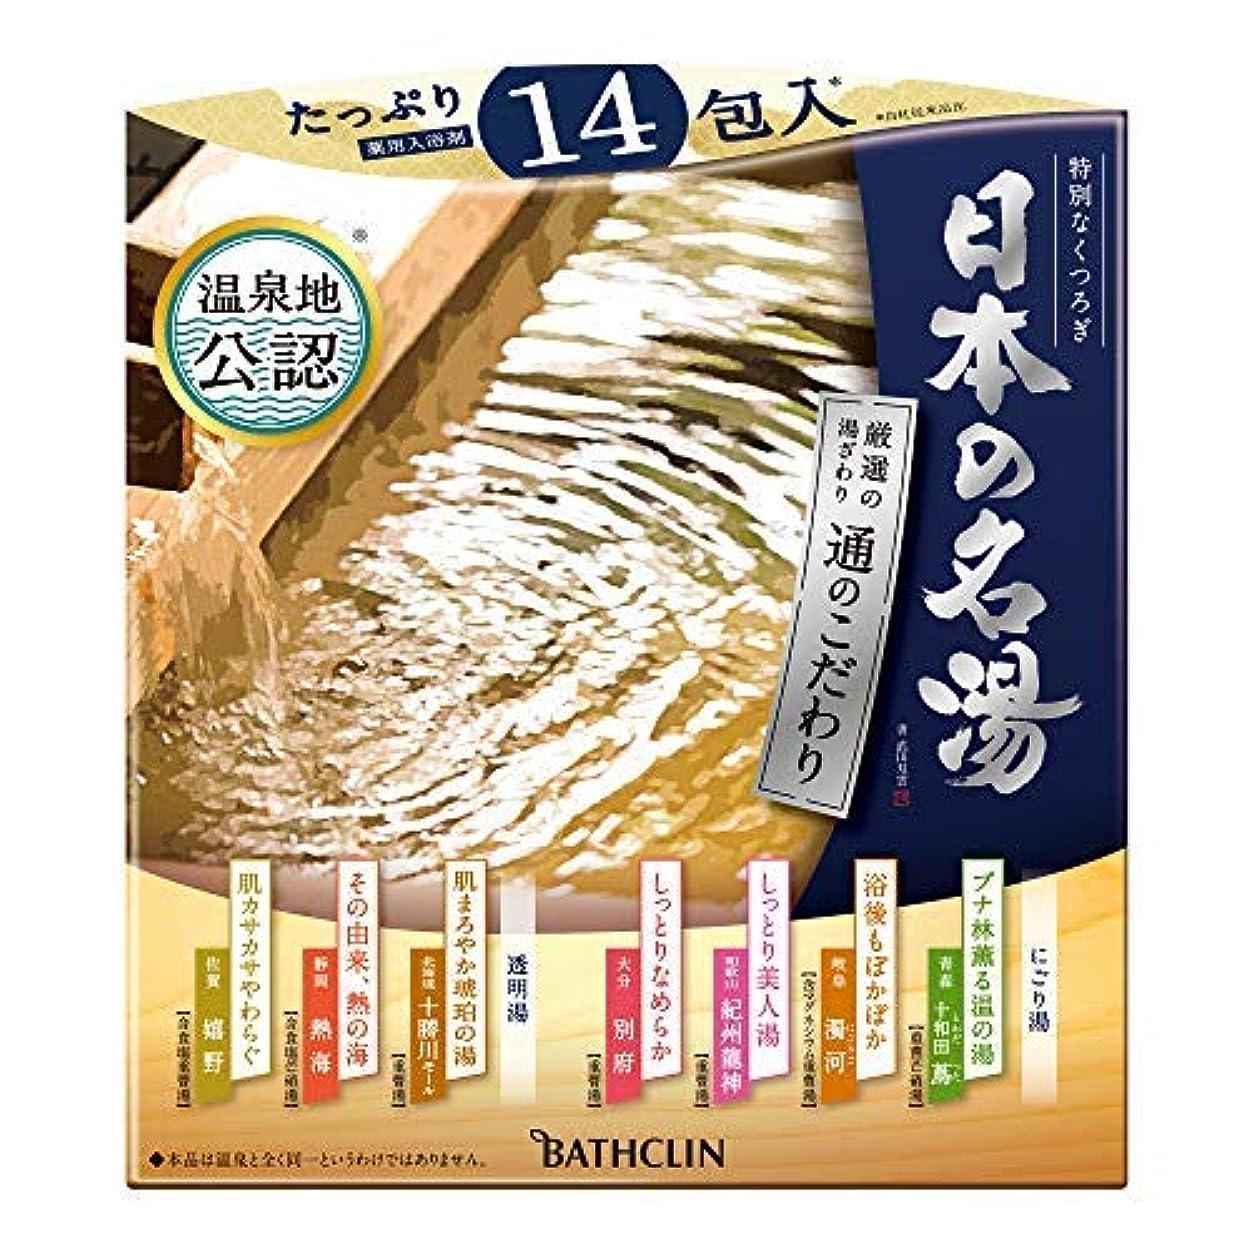 グローバルパターンバンジージャンプ日本の名湯 通のこだわり 30g×14包 × 15個セット